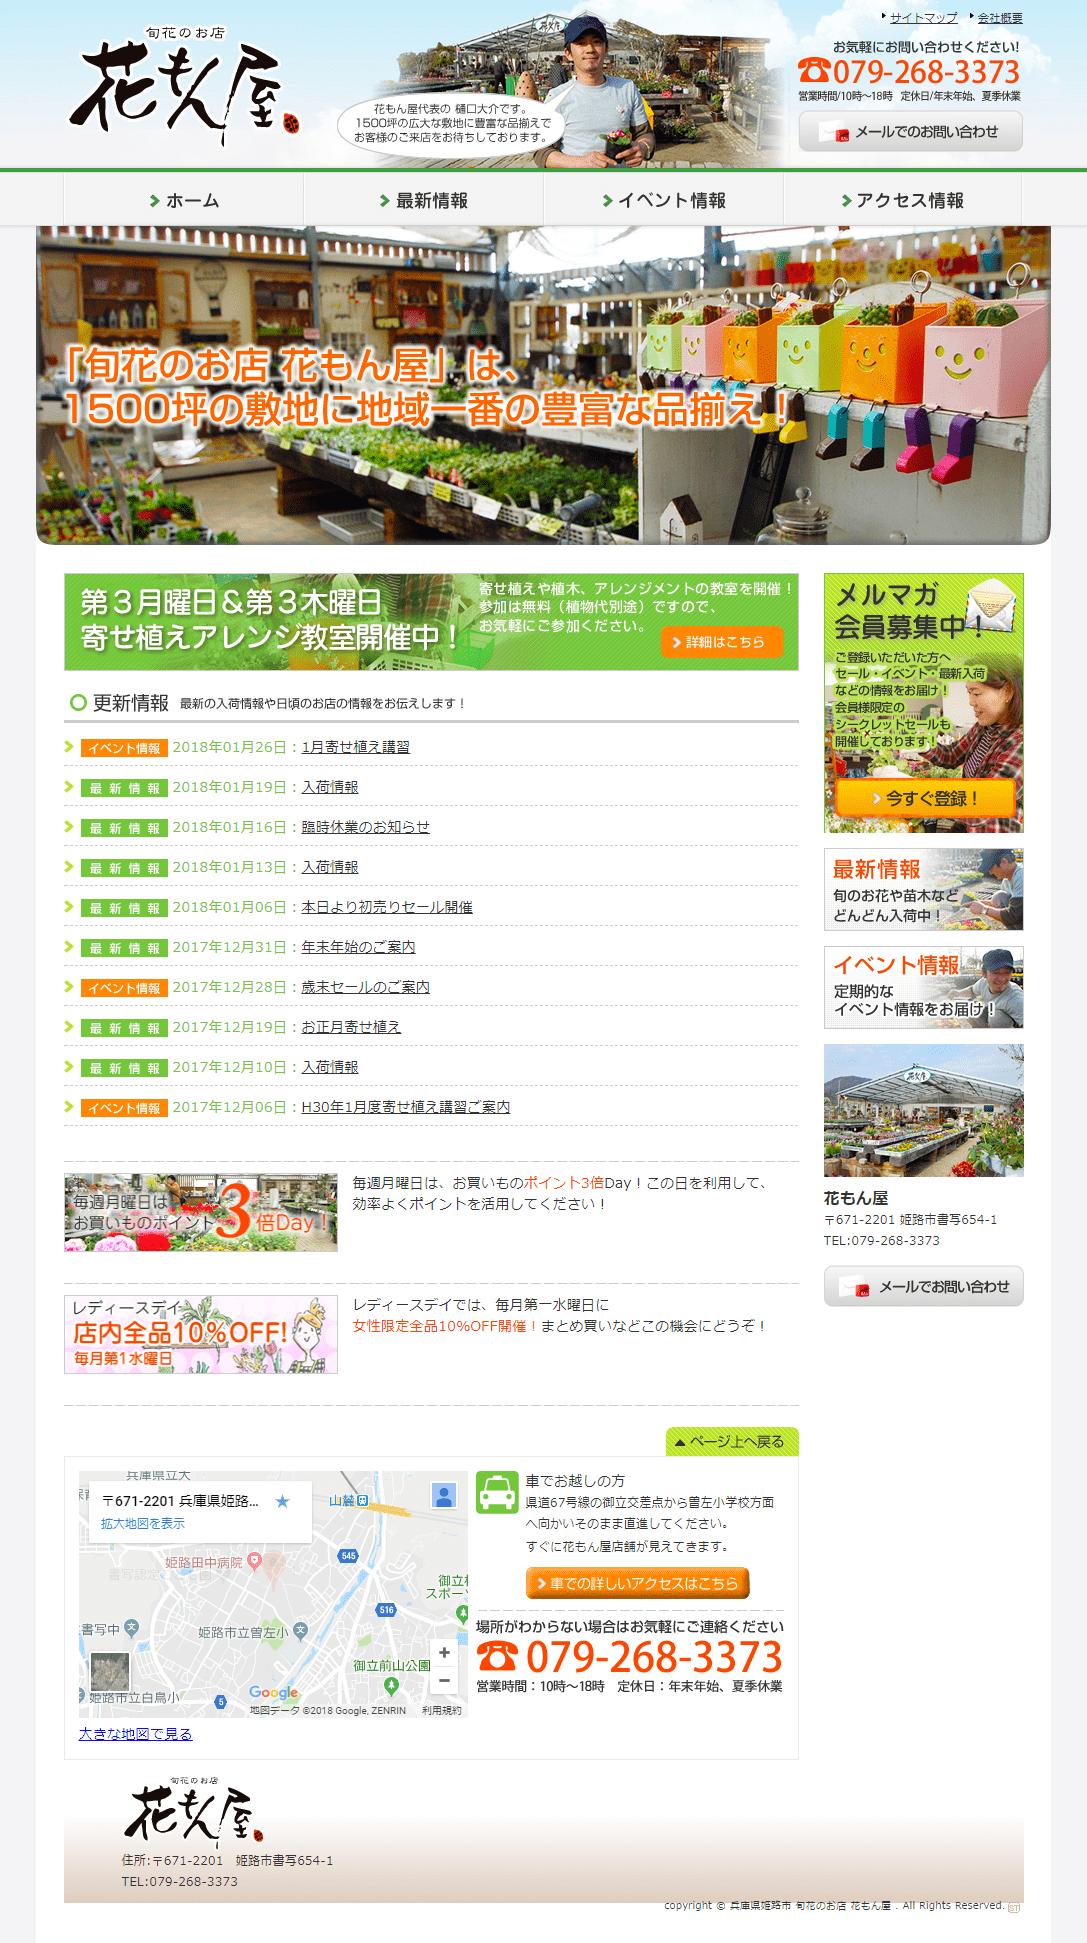 姫路市 花もん屋様 ホームページ制作1